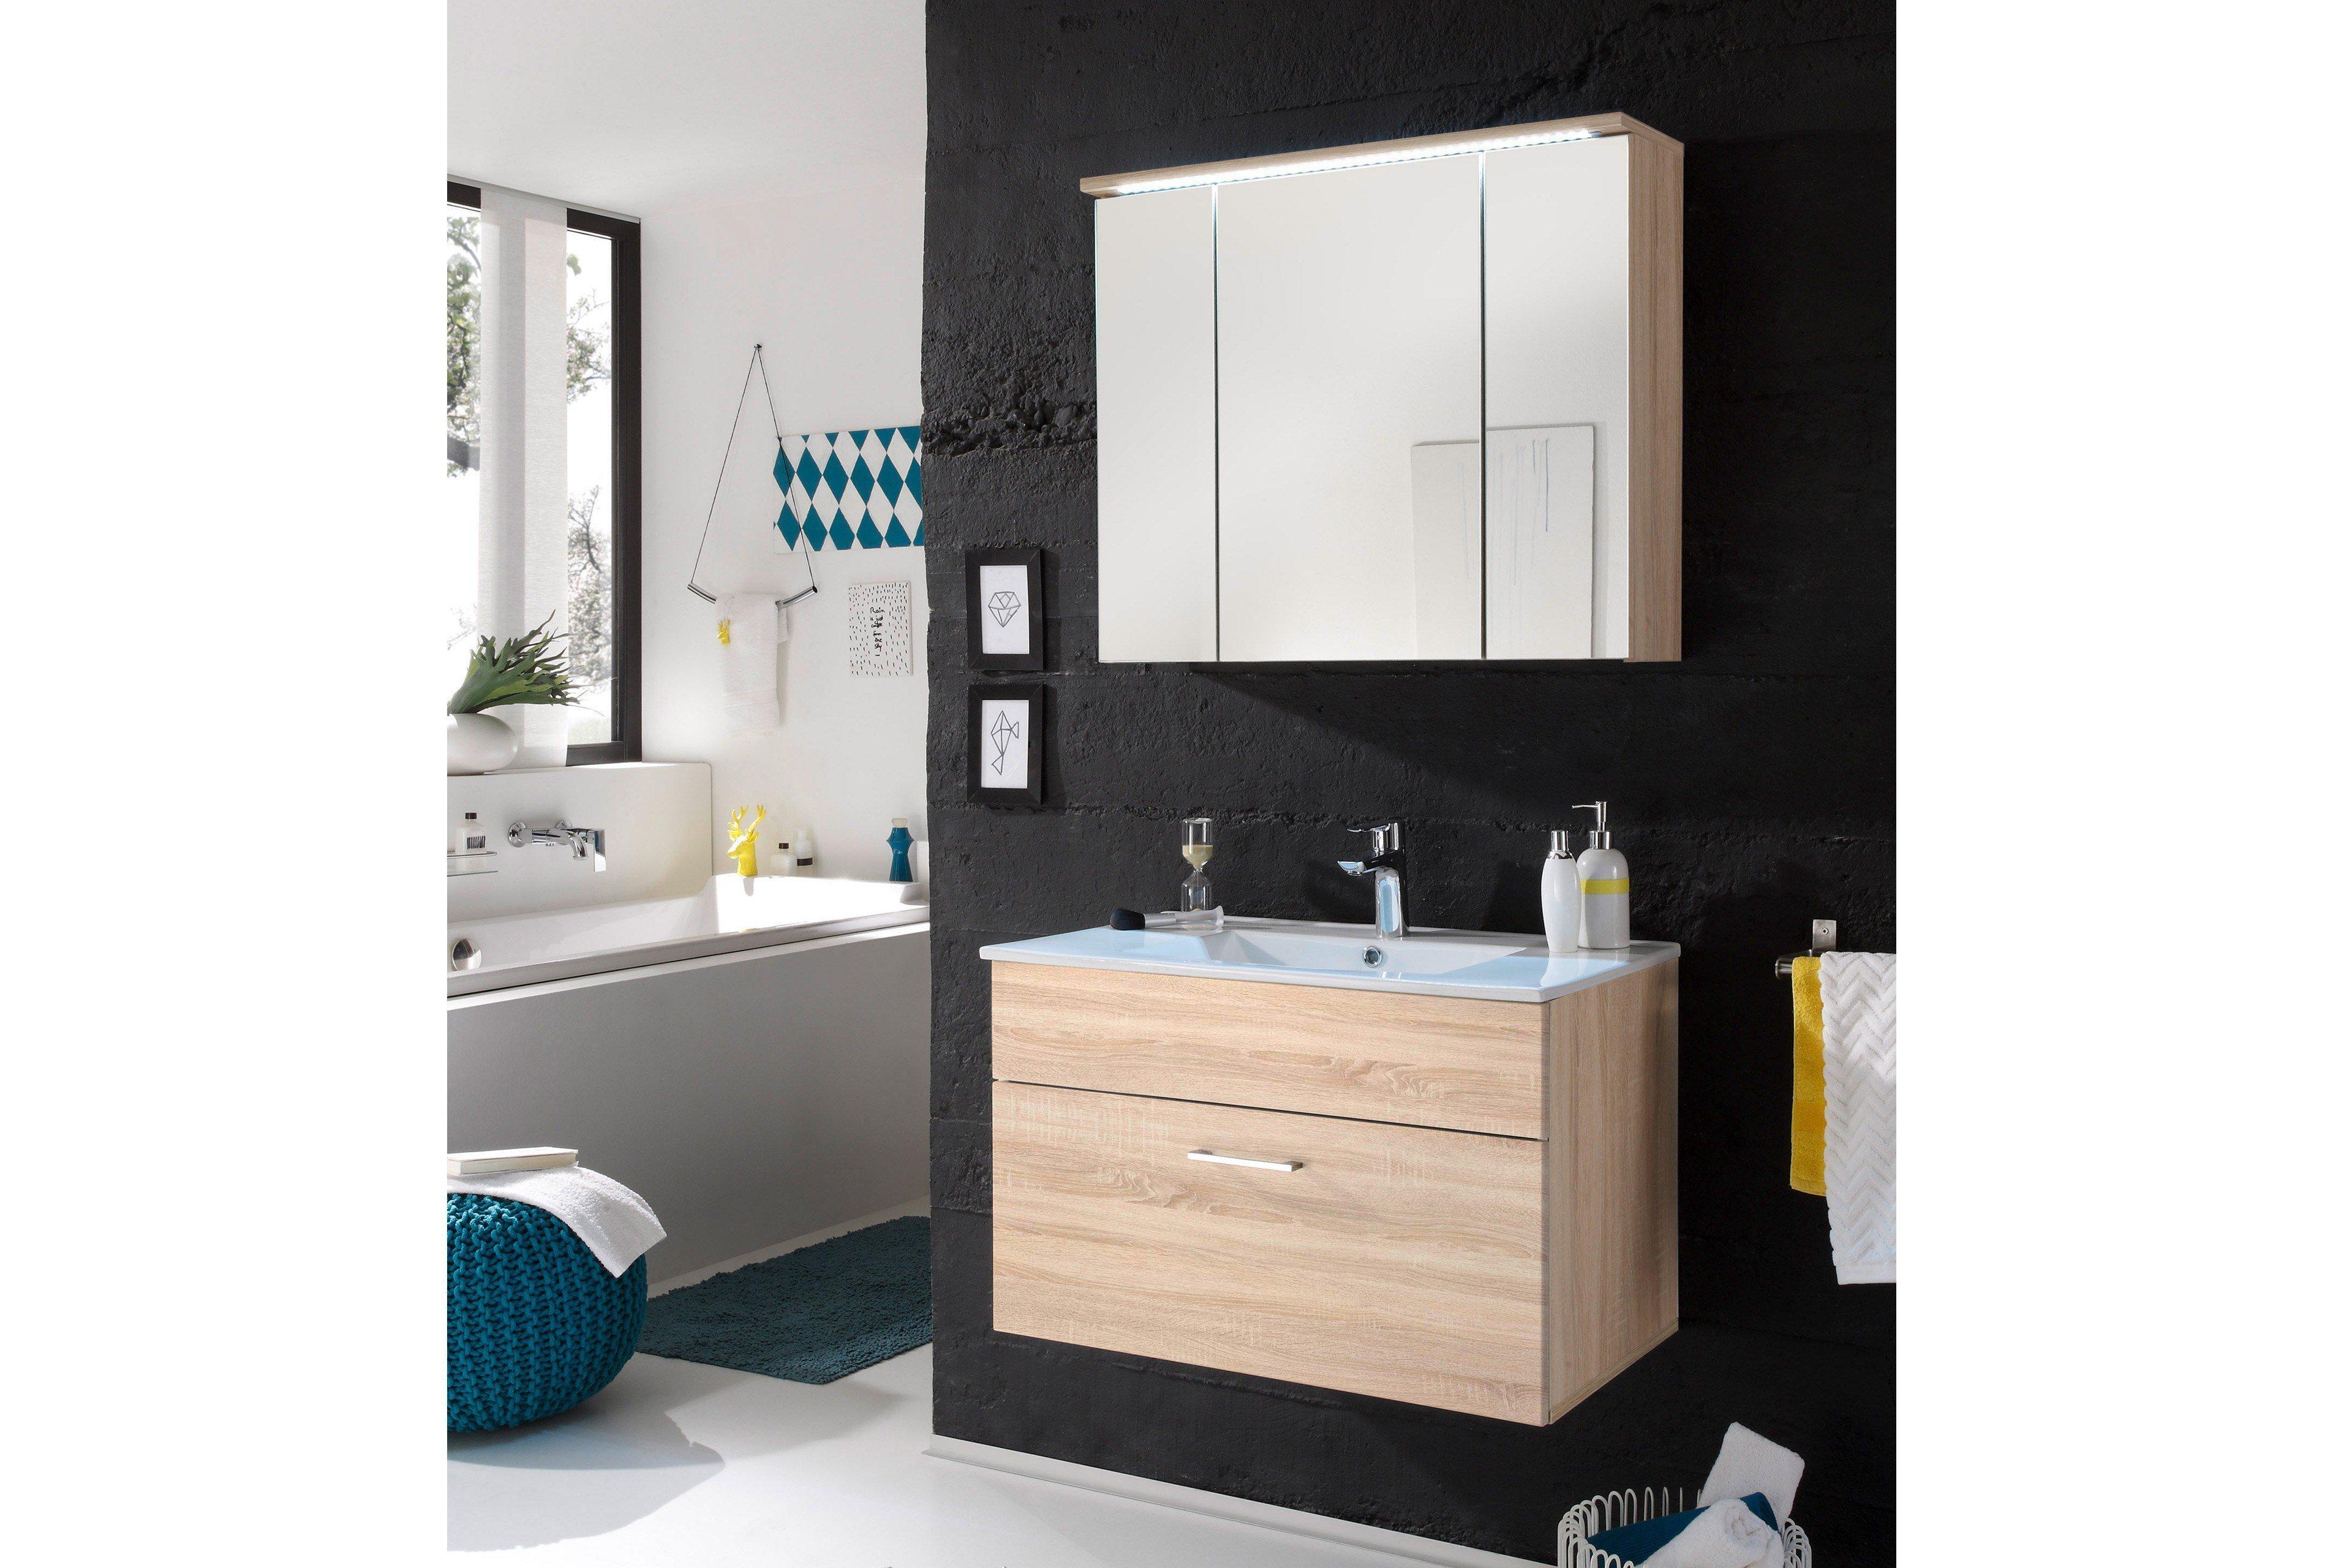 bega badezimmer inkl. beleuchtung & waschbecken | möbel letz - ihr